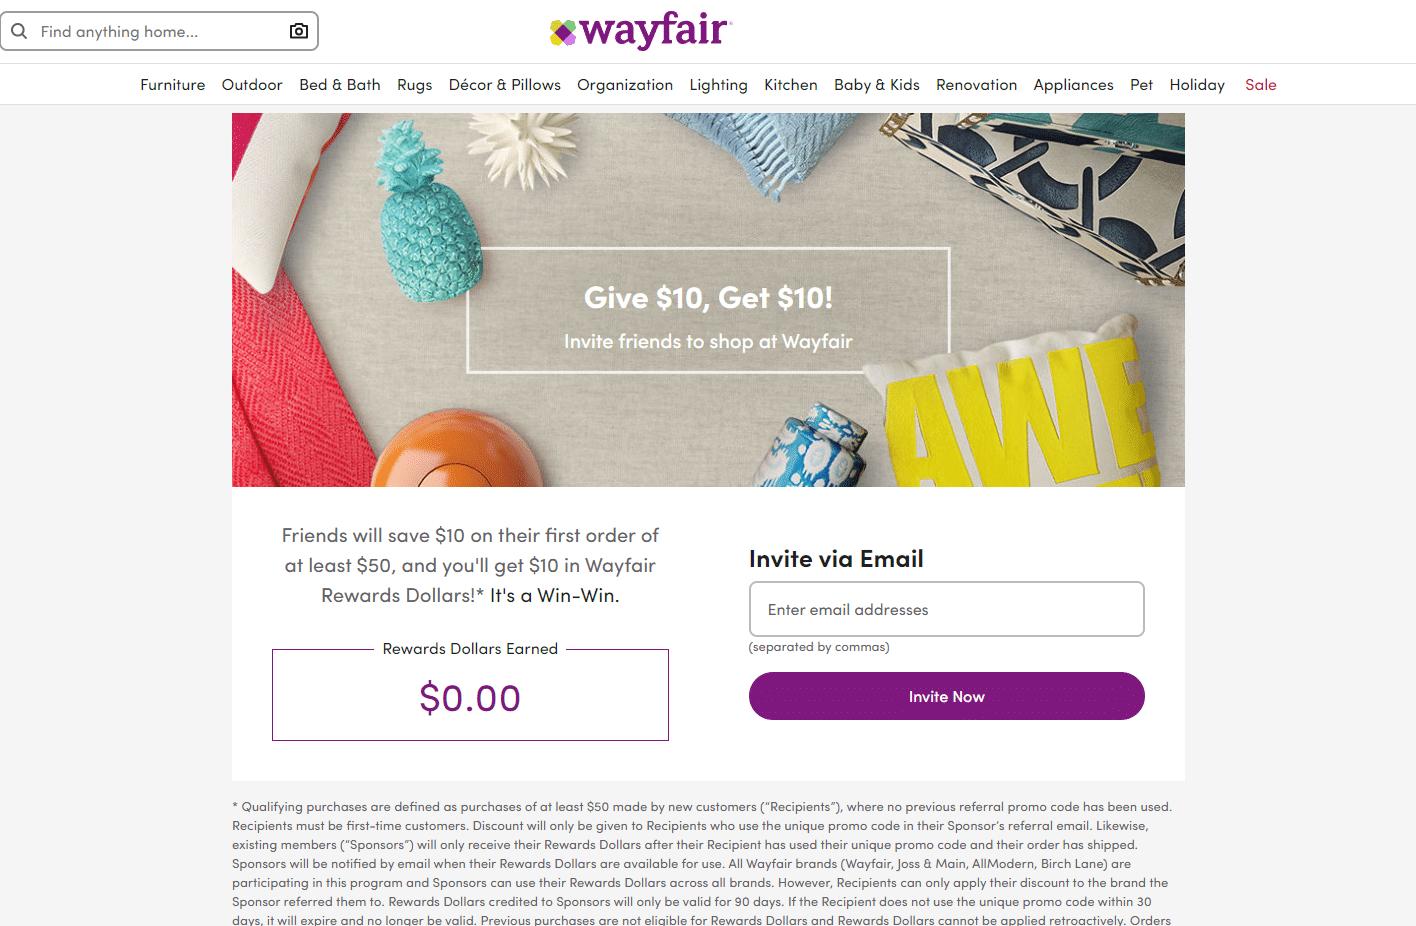 wayfair $10 off refer a friend deal